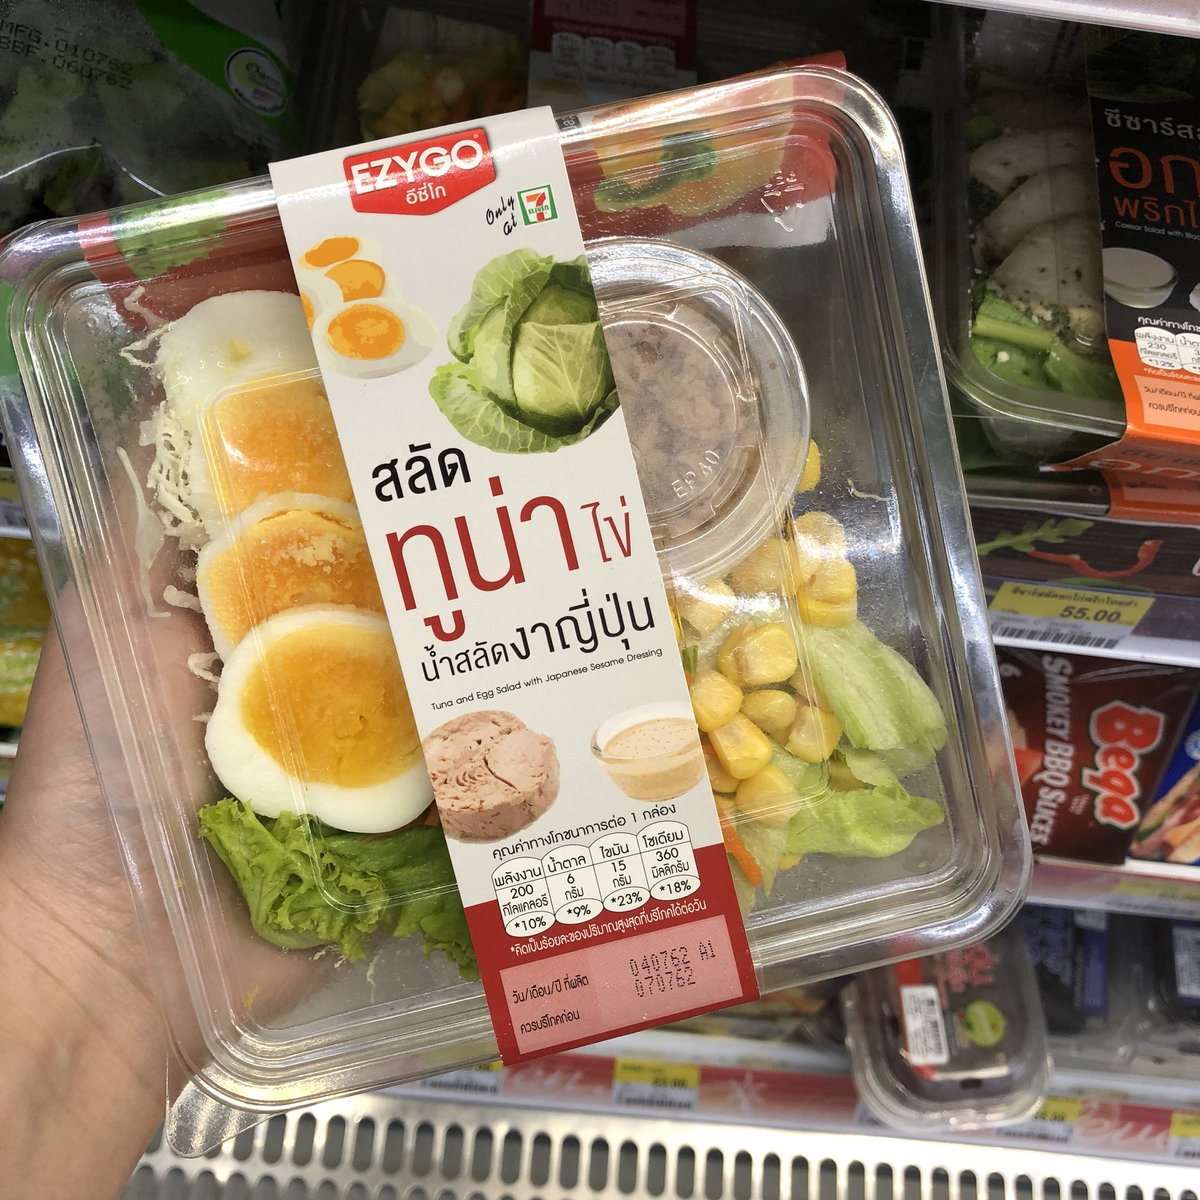 """ราตรี จะไม่ช้อปปิ้งแล้ว בטוויטר: """"ของใหม่ 7-11 วันนี้คือ... 🥗 สลัดทูน่าไข่น้ำสลัดงาญี่ปุ่น 🥗 ซีซาร์สลัดอกไก่พริกไทยดำ ราคา 55 บาท ชอบที่ใช้น้ำสลัดของคิวพี ดีค่ะ สดชื่น เฮลตี้ #รีวิวเซเว่น… https://t.co/YOBReA0659"""""""